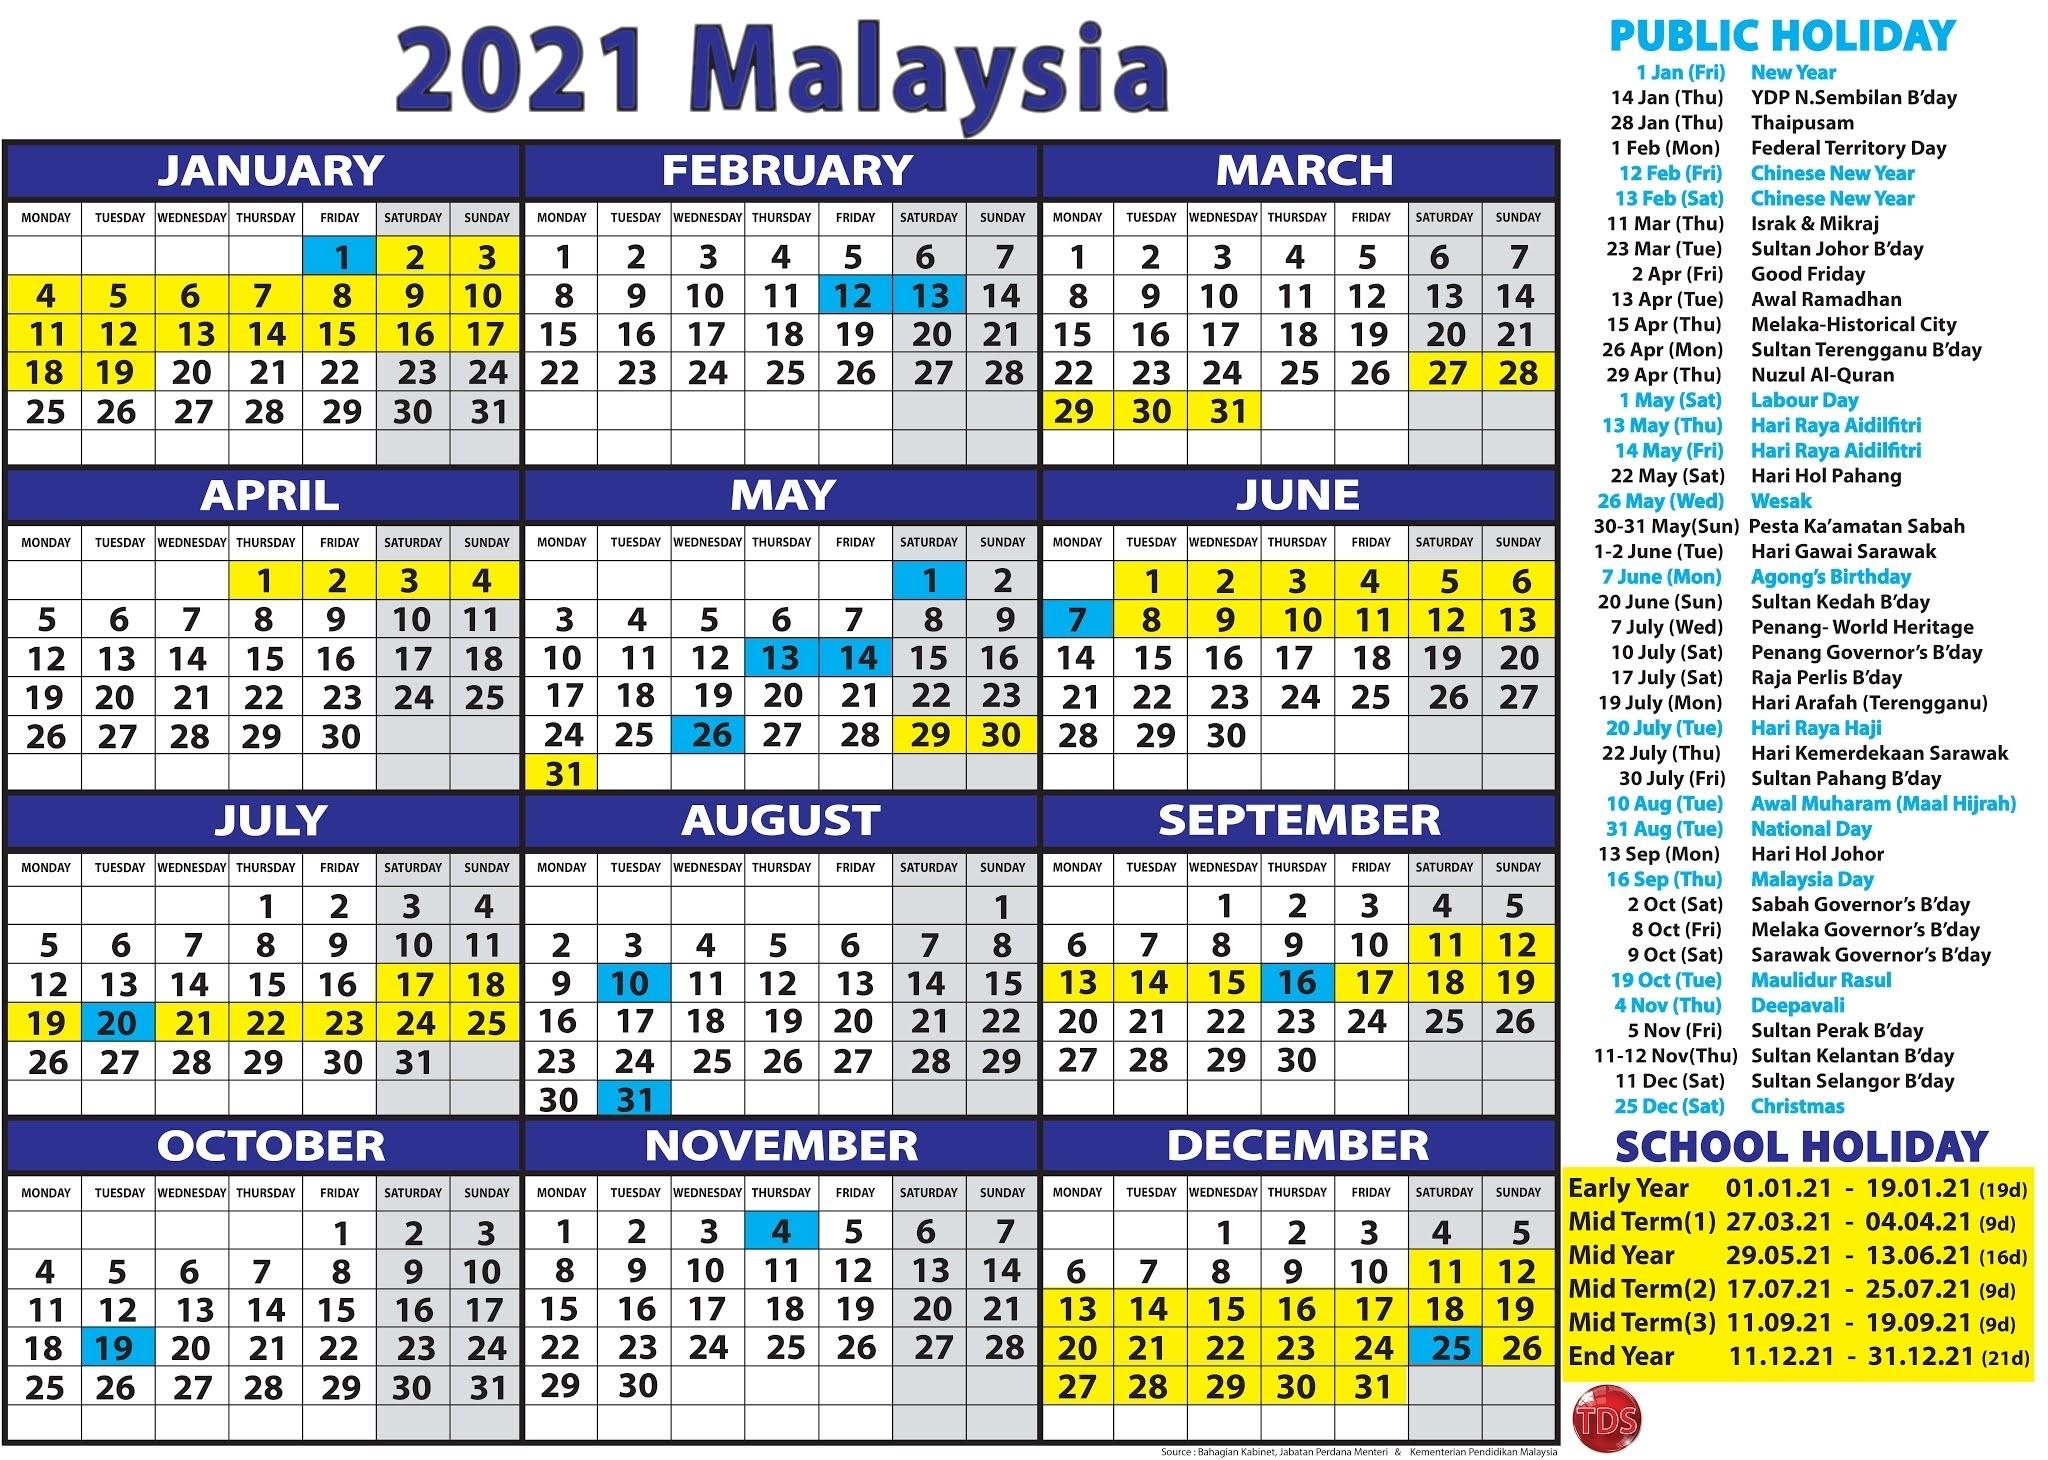 Calendar- 2021 Malaysia - Kalendar 2021 Malaysia